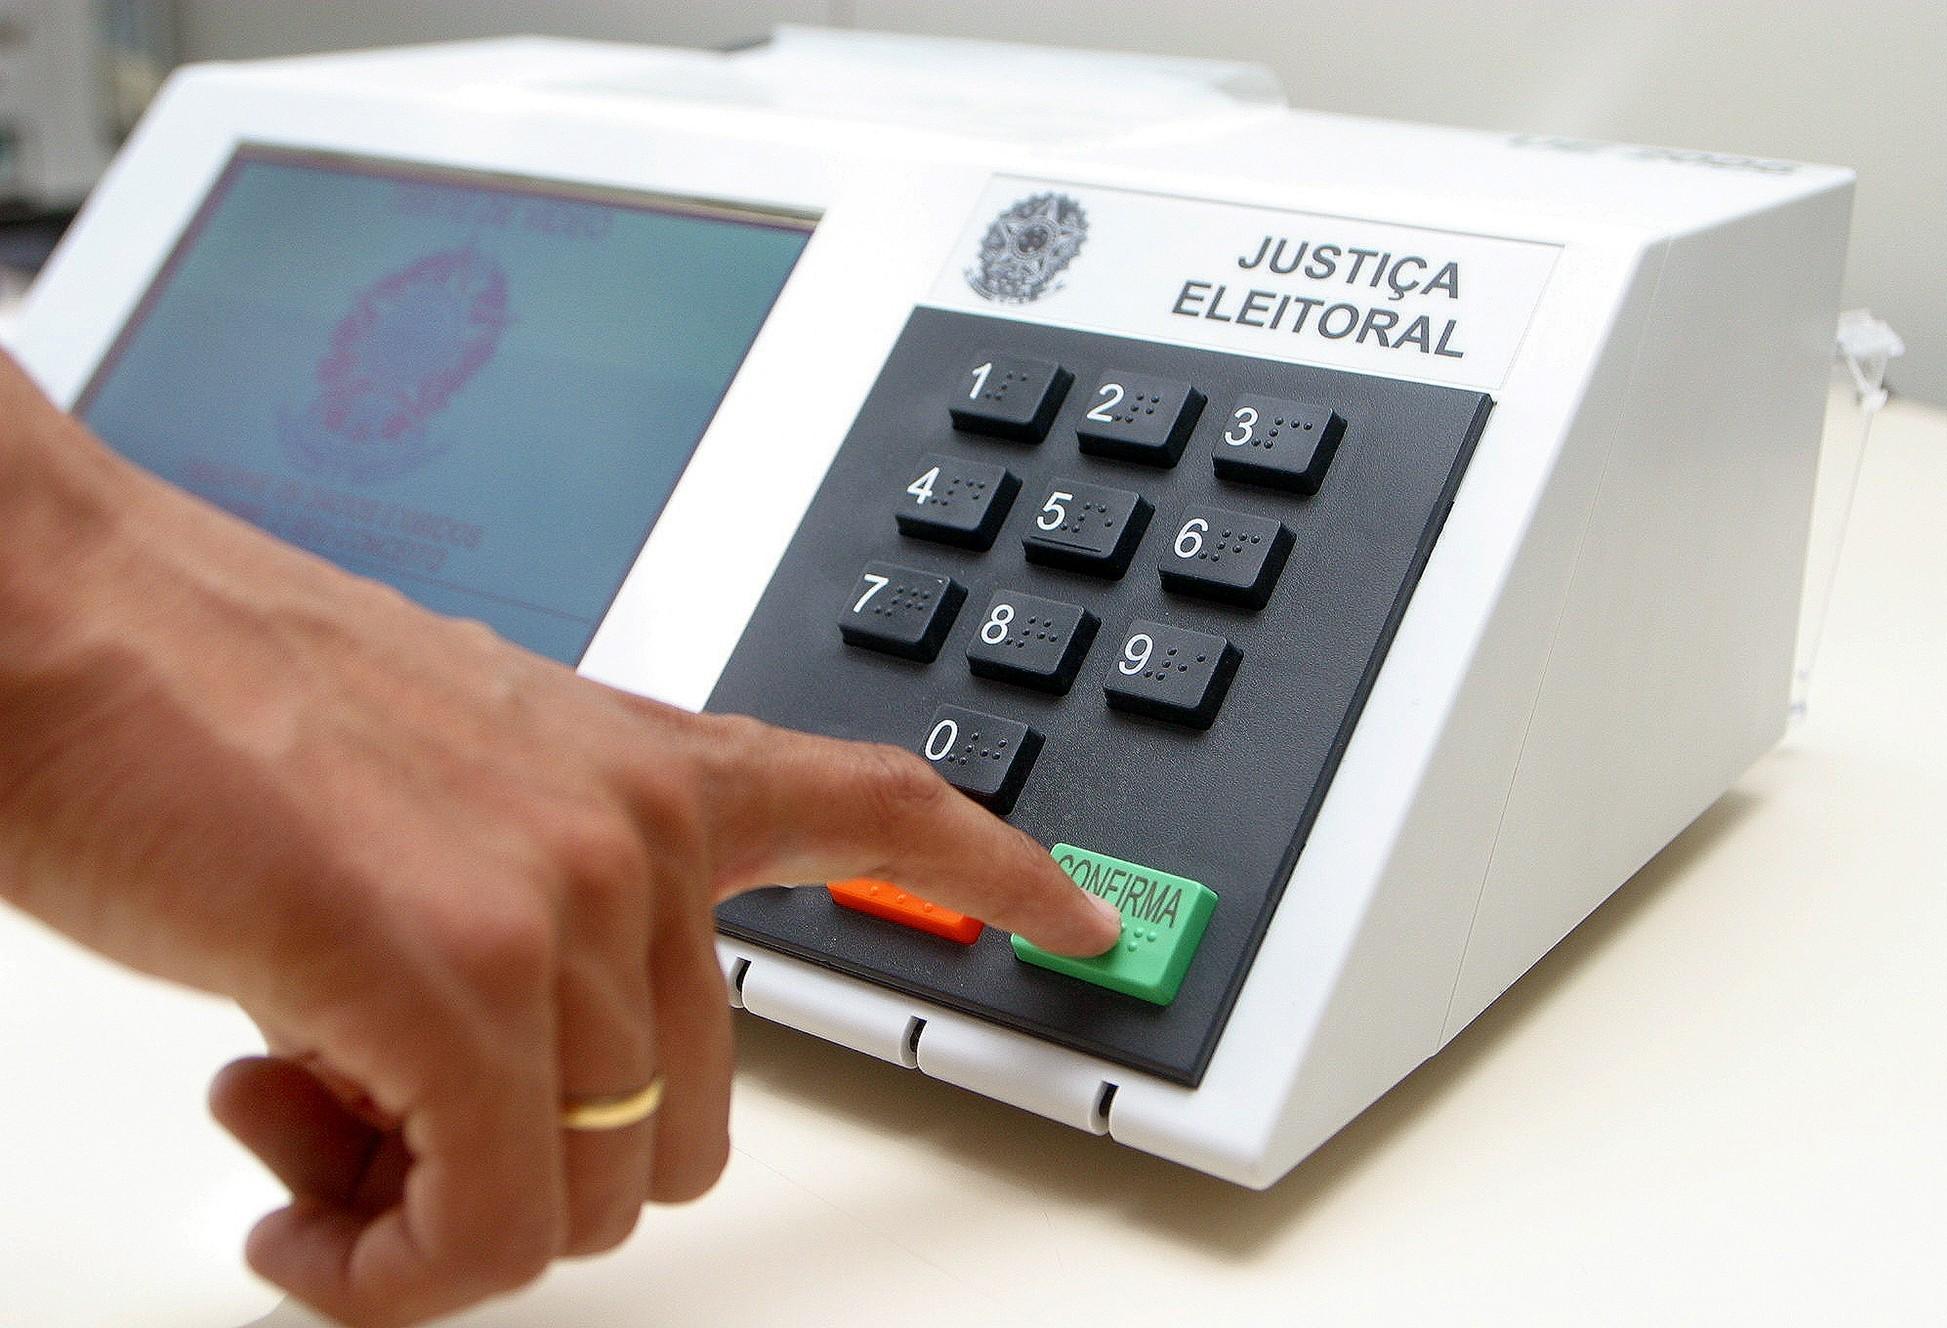 Maringá já fez mais de 200 cadastros para voto em trânsito